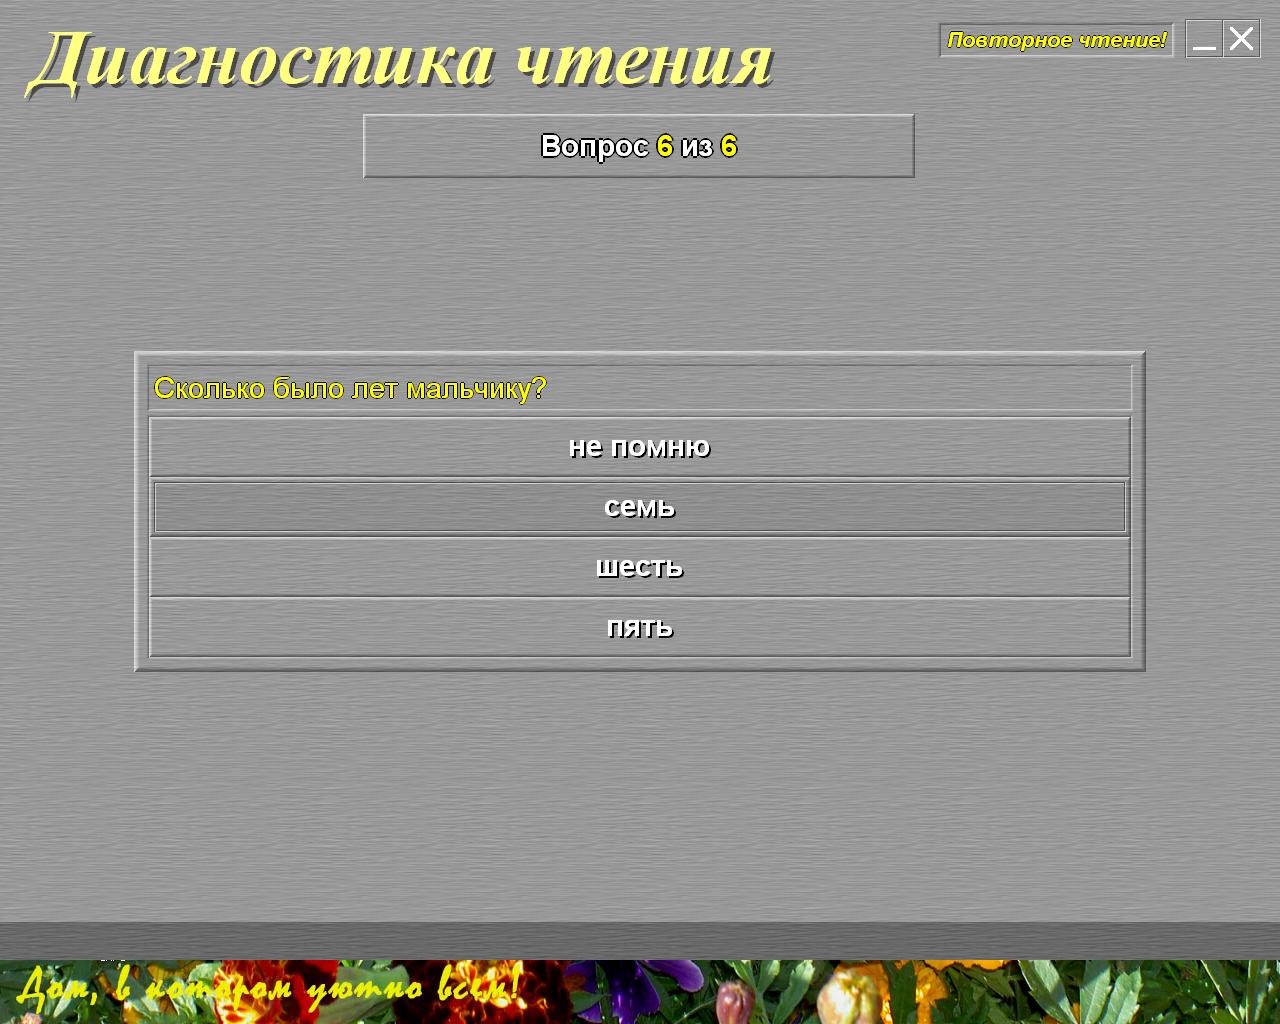 hello_html_1b0e5f20.png